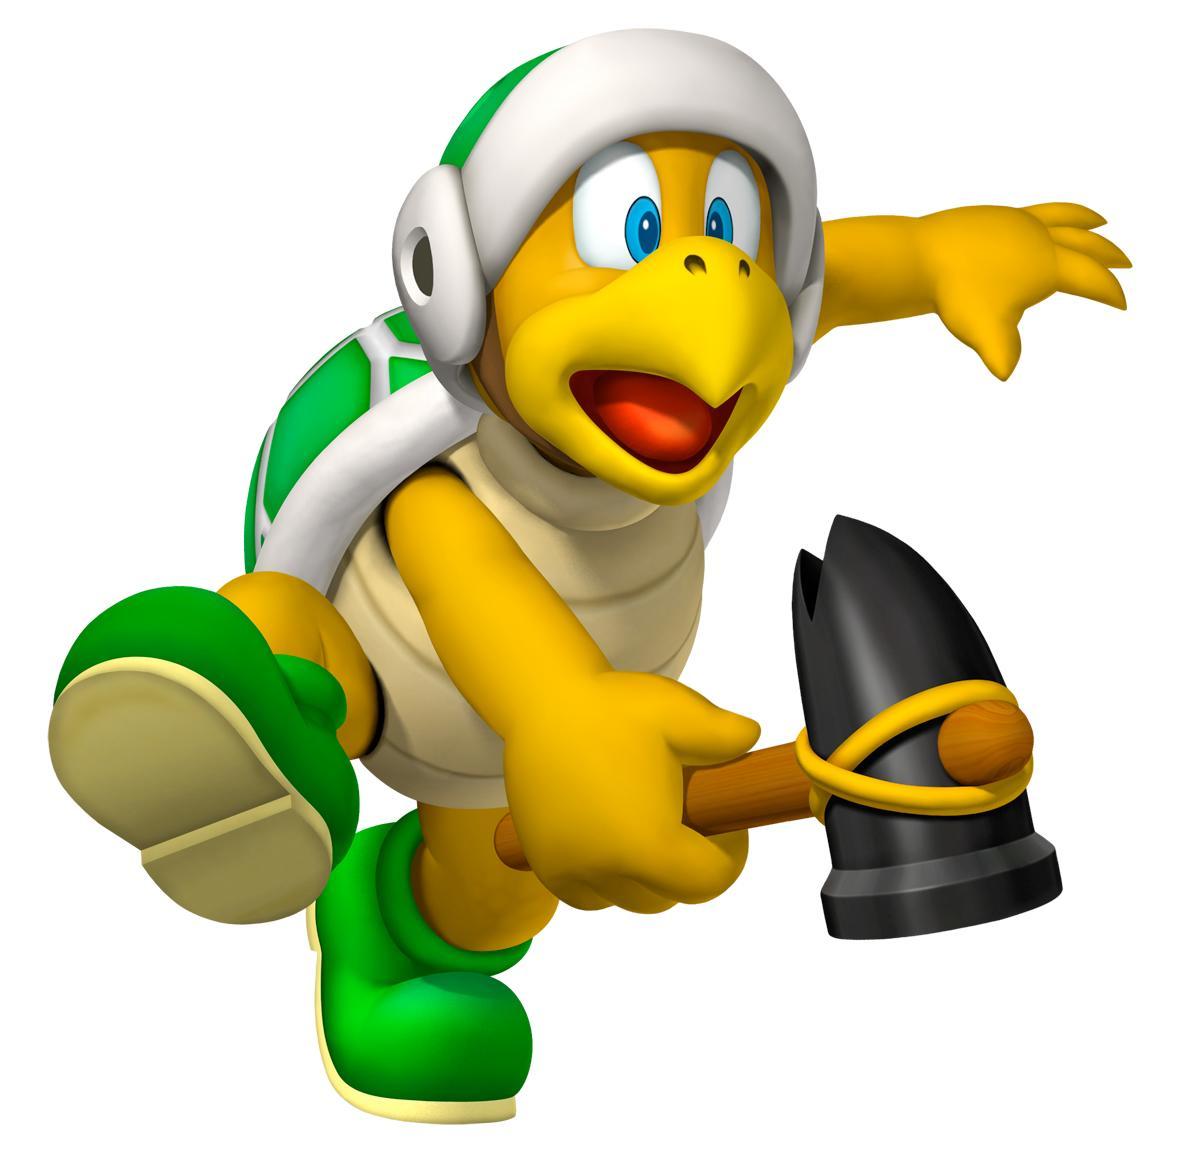 Super Mario Coloring Pages Koopa Troopa Larry B Wallnau